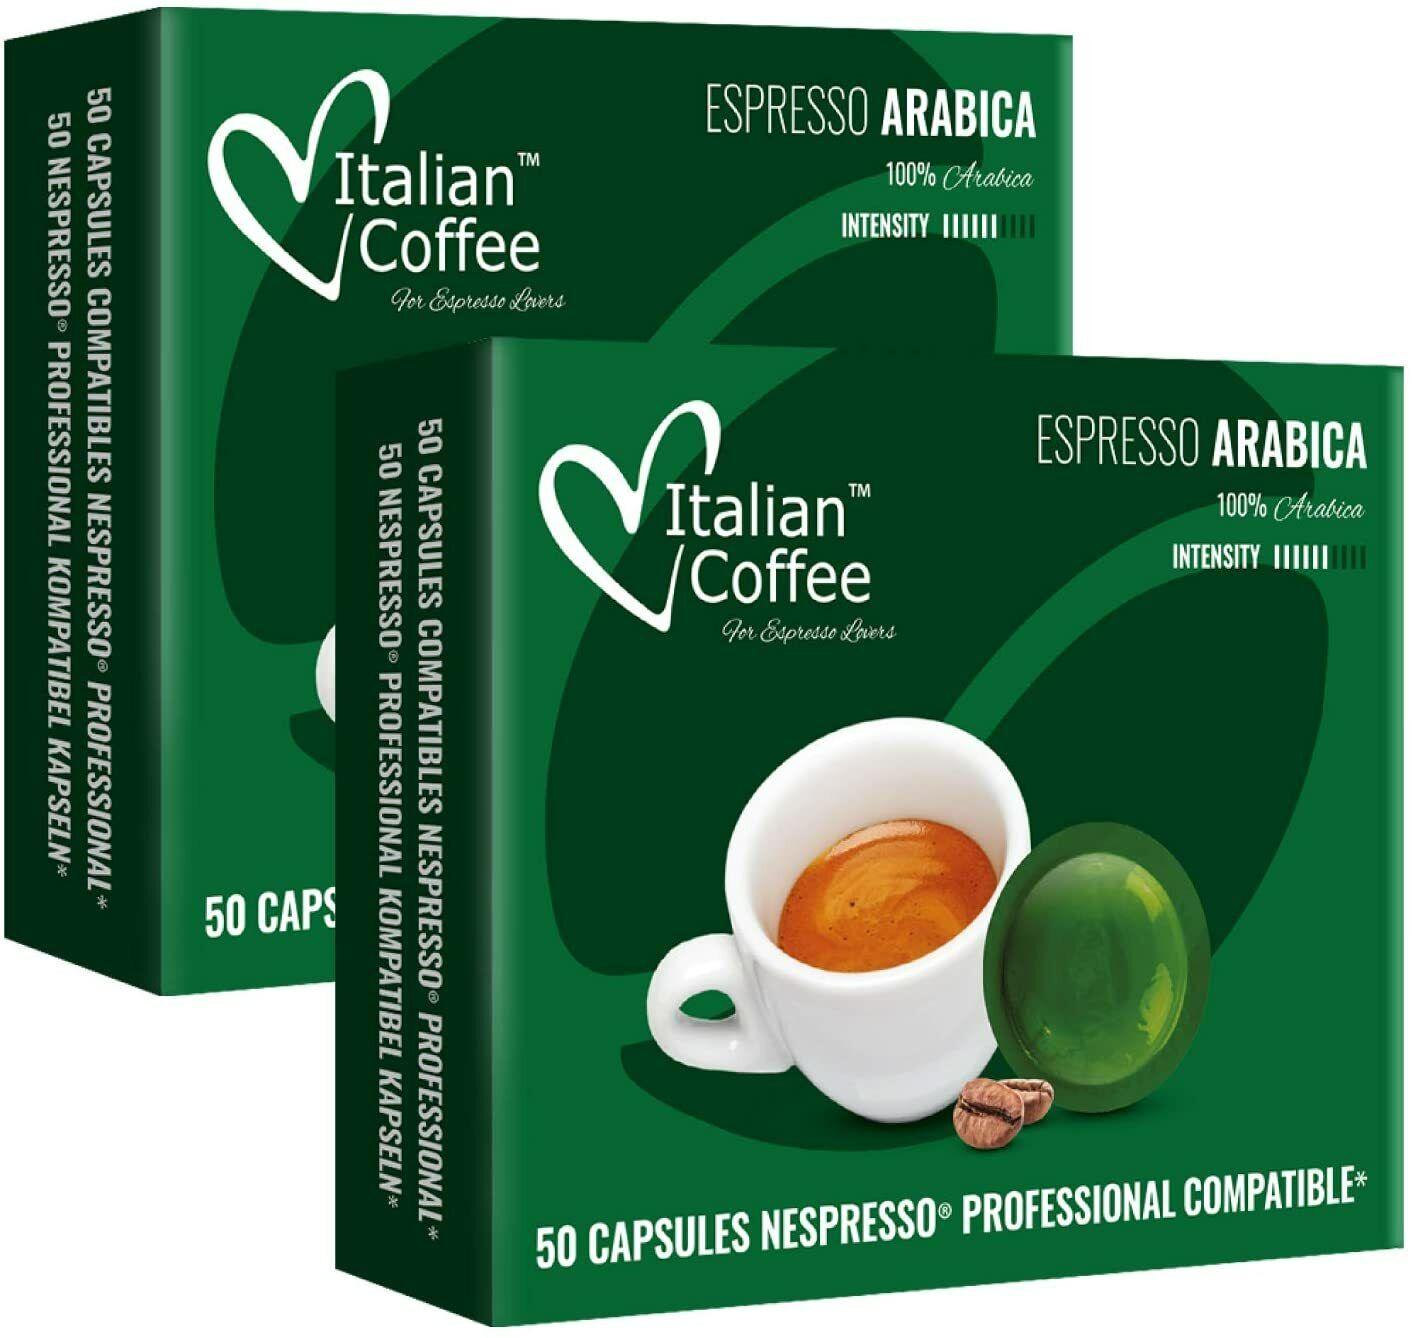 100 Capsulas Compatibles Nespresso Profesional - 100% Arabica